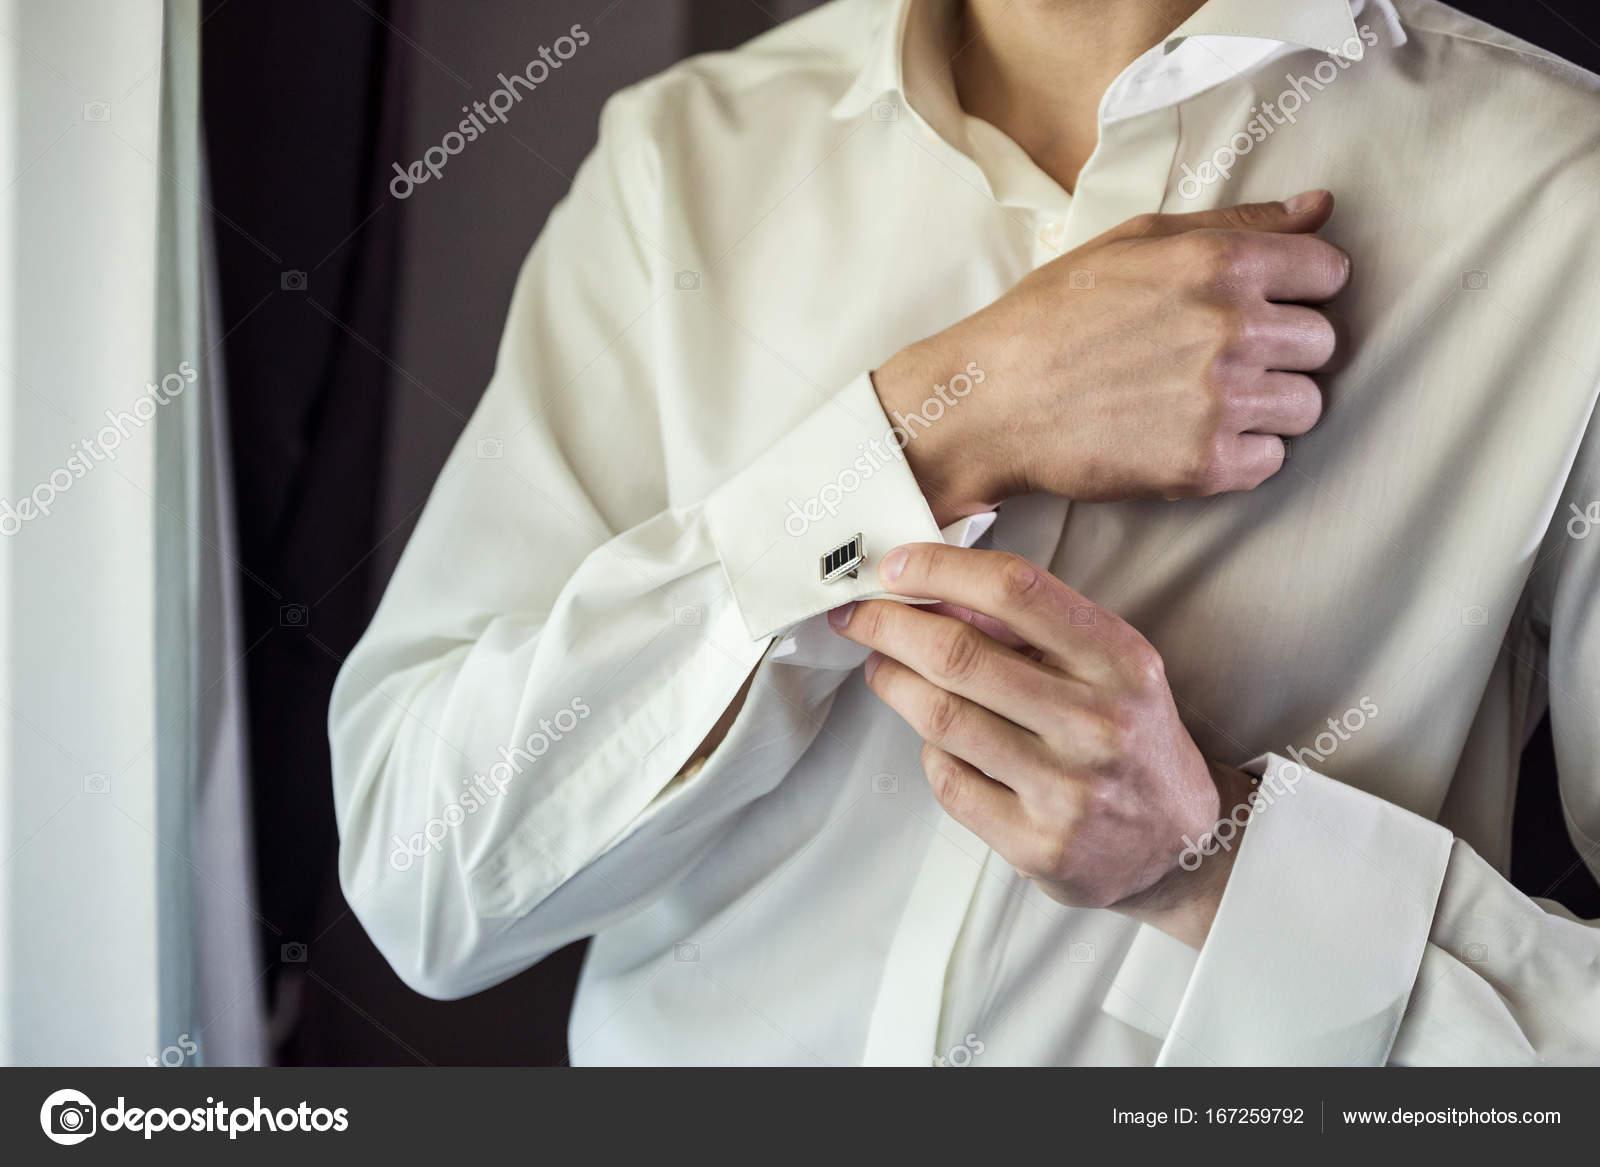 cac0e1937141 Επιχειρηματίας φόρεμα πουκάμισο. Ο άνθρωπος με το λευκό πουκάμισο στο το  παράθυρο φόρεμα μανικετόκουμπα. Πολιτικός